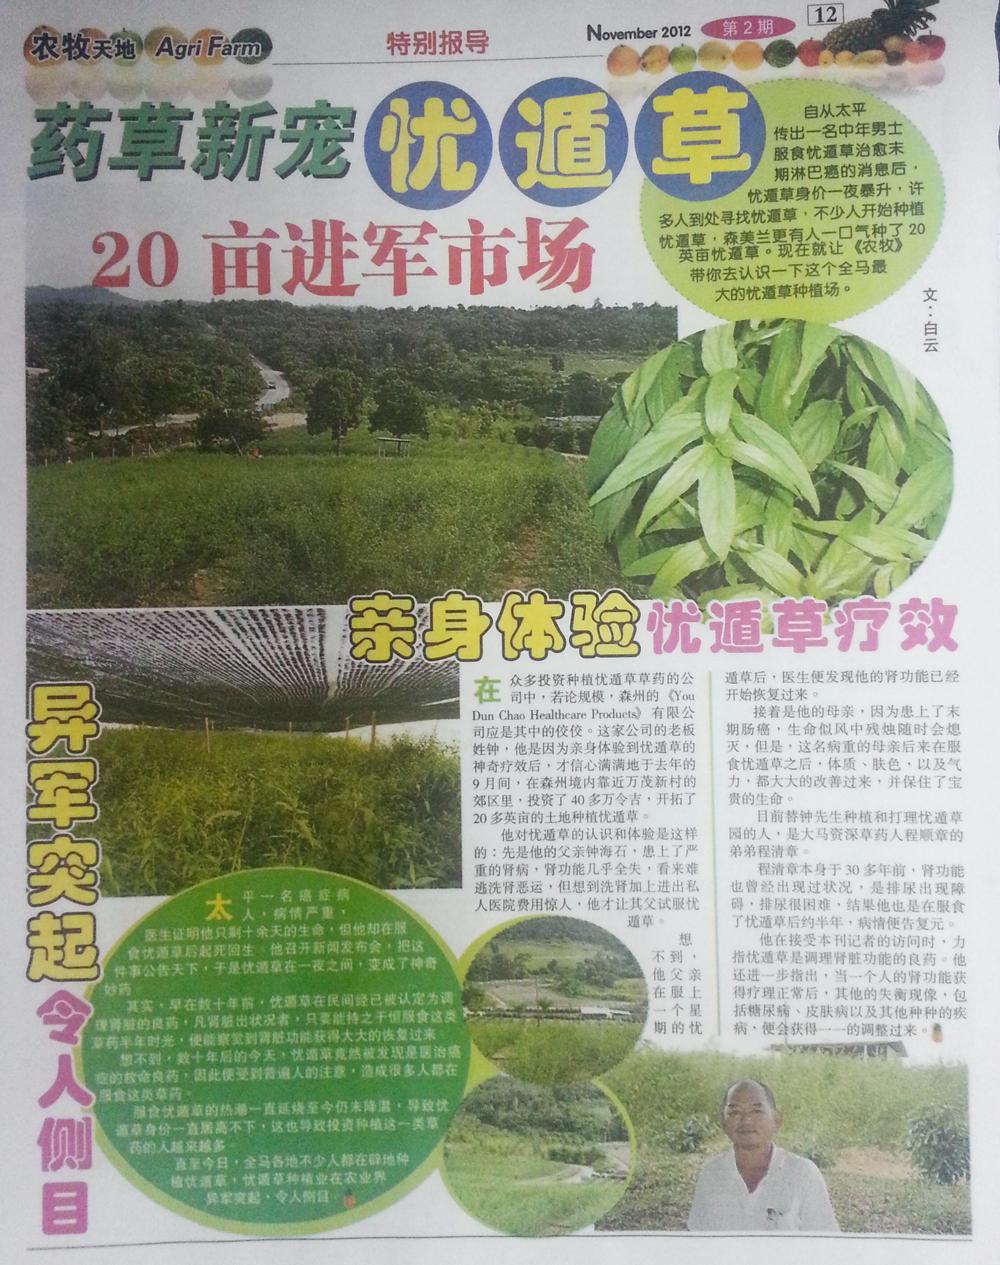 agri farm sabah snake grass belalai gajah plantation farm1